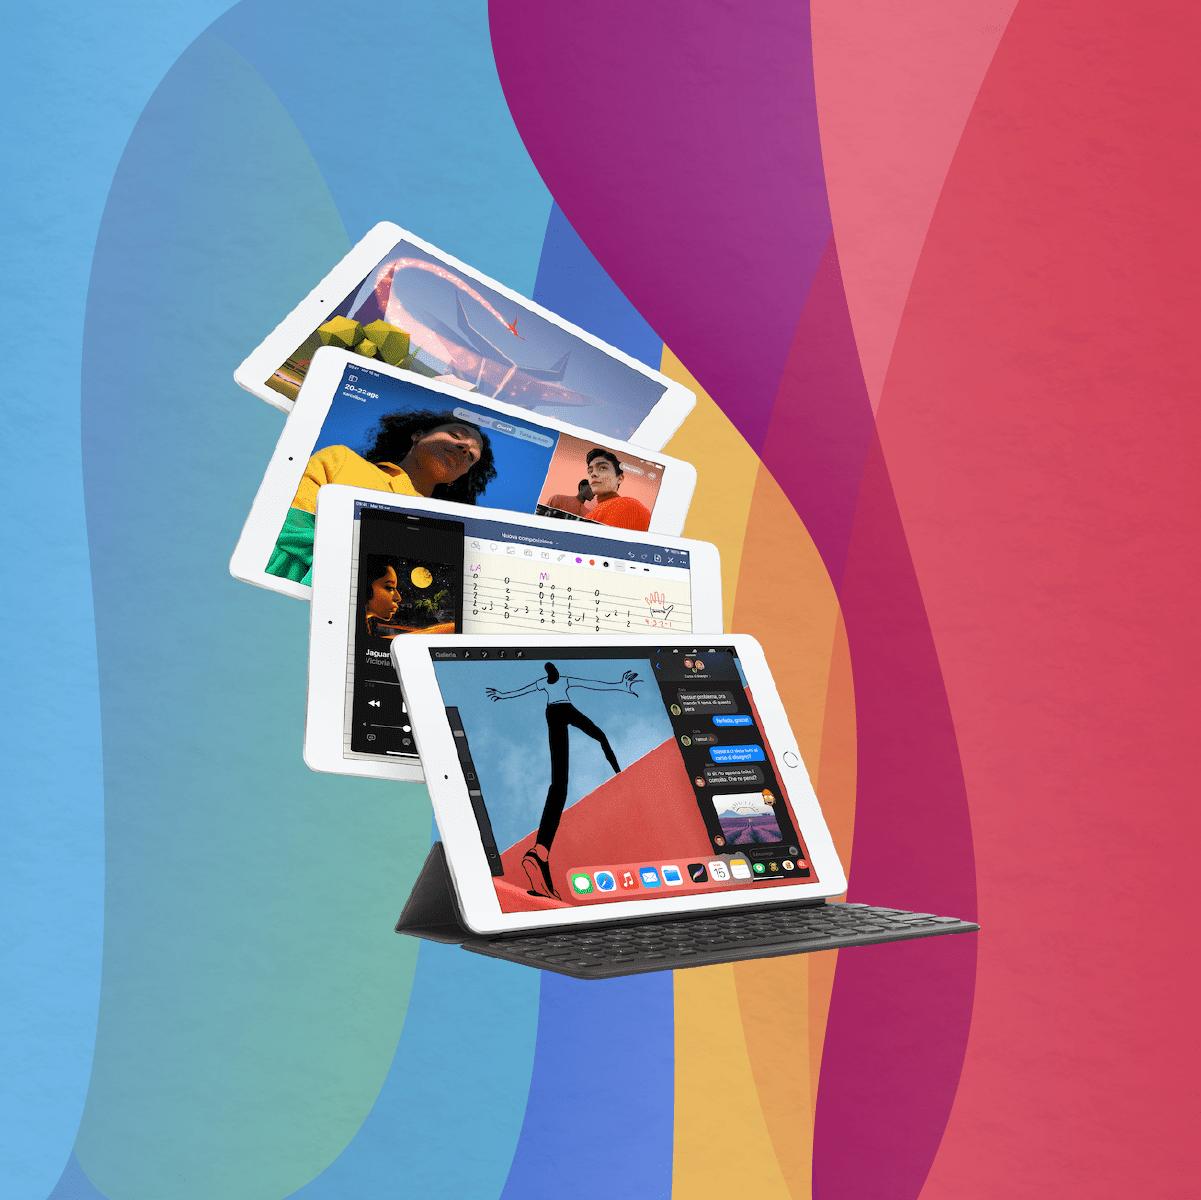 iPad per studenti